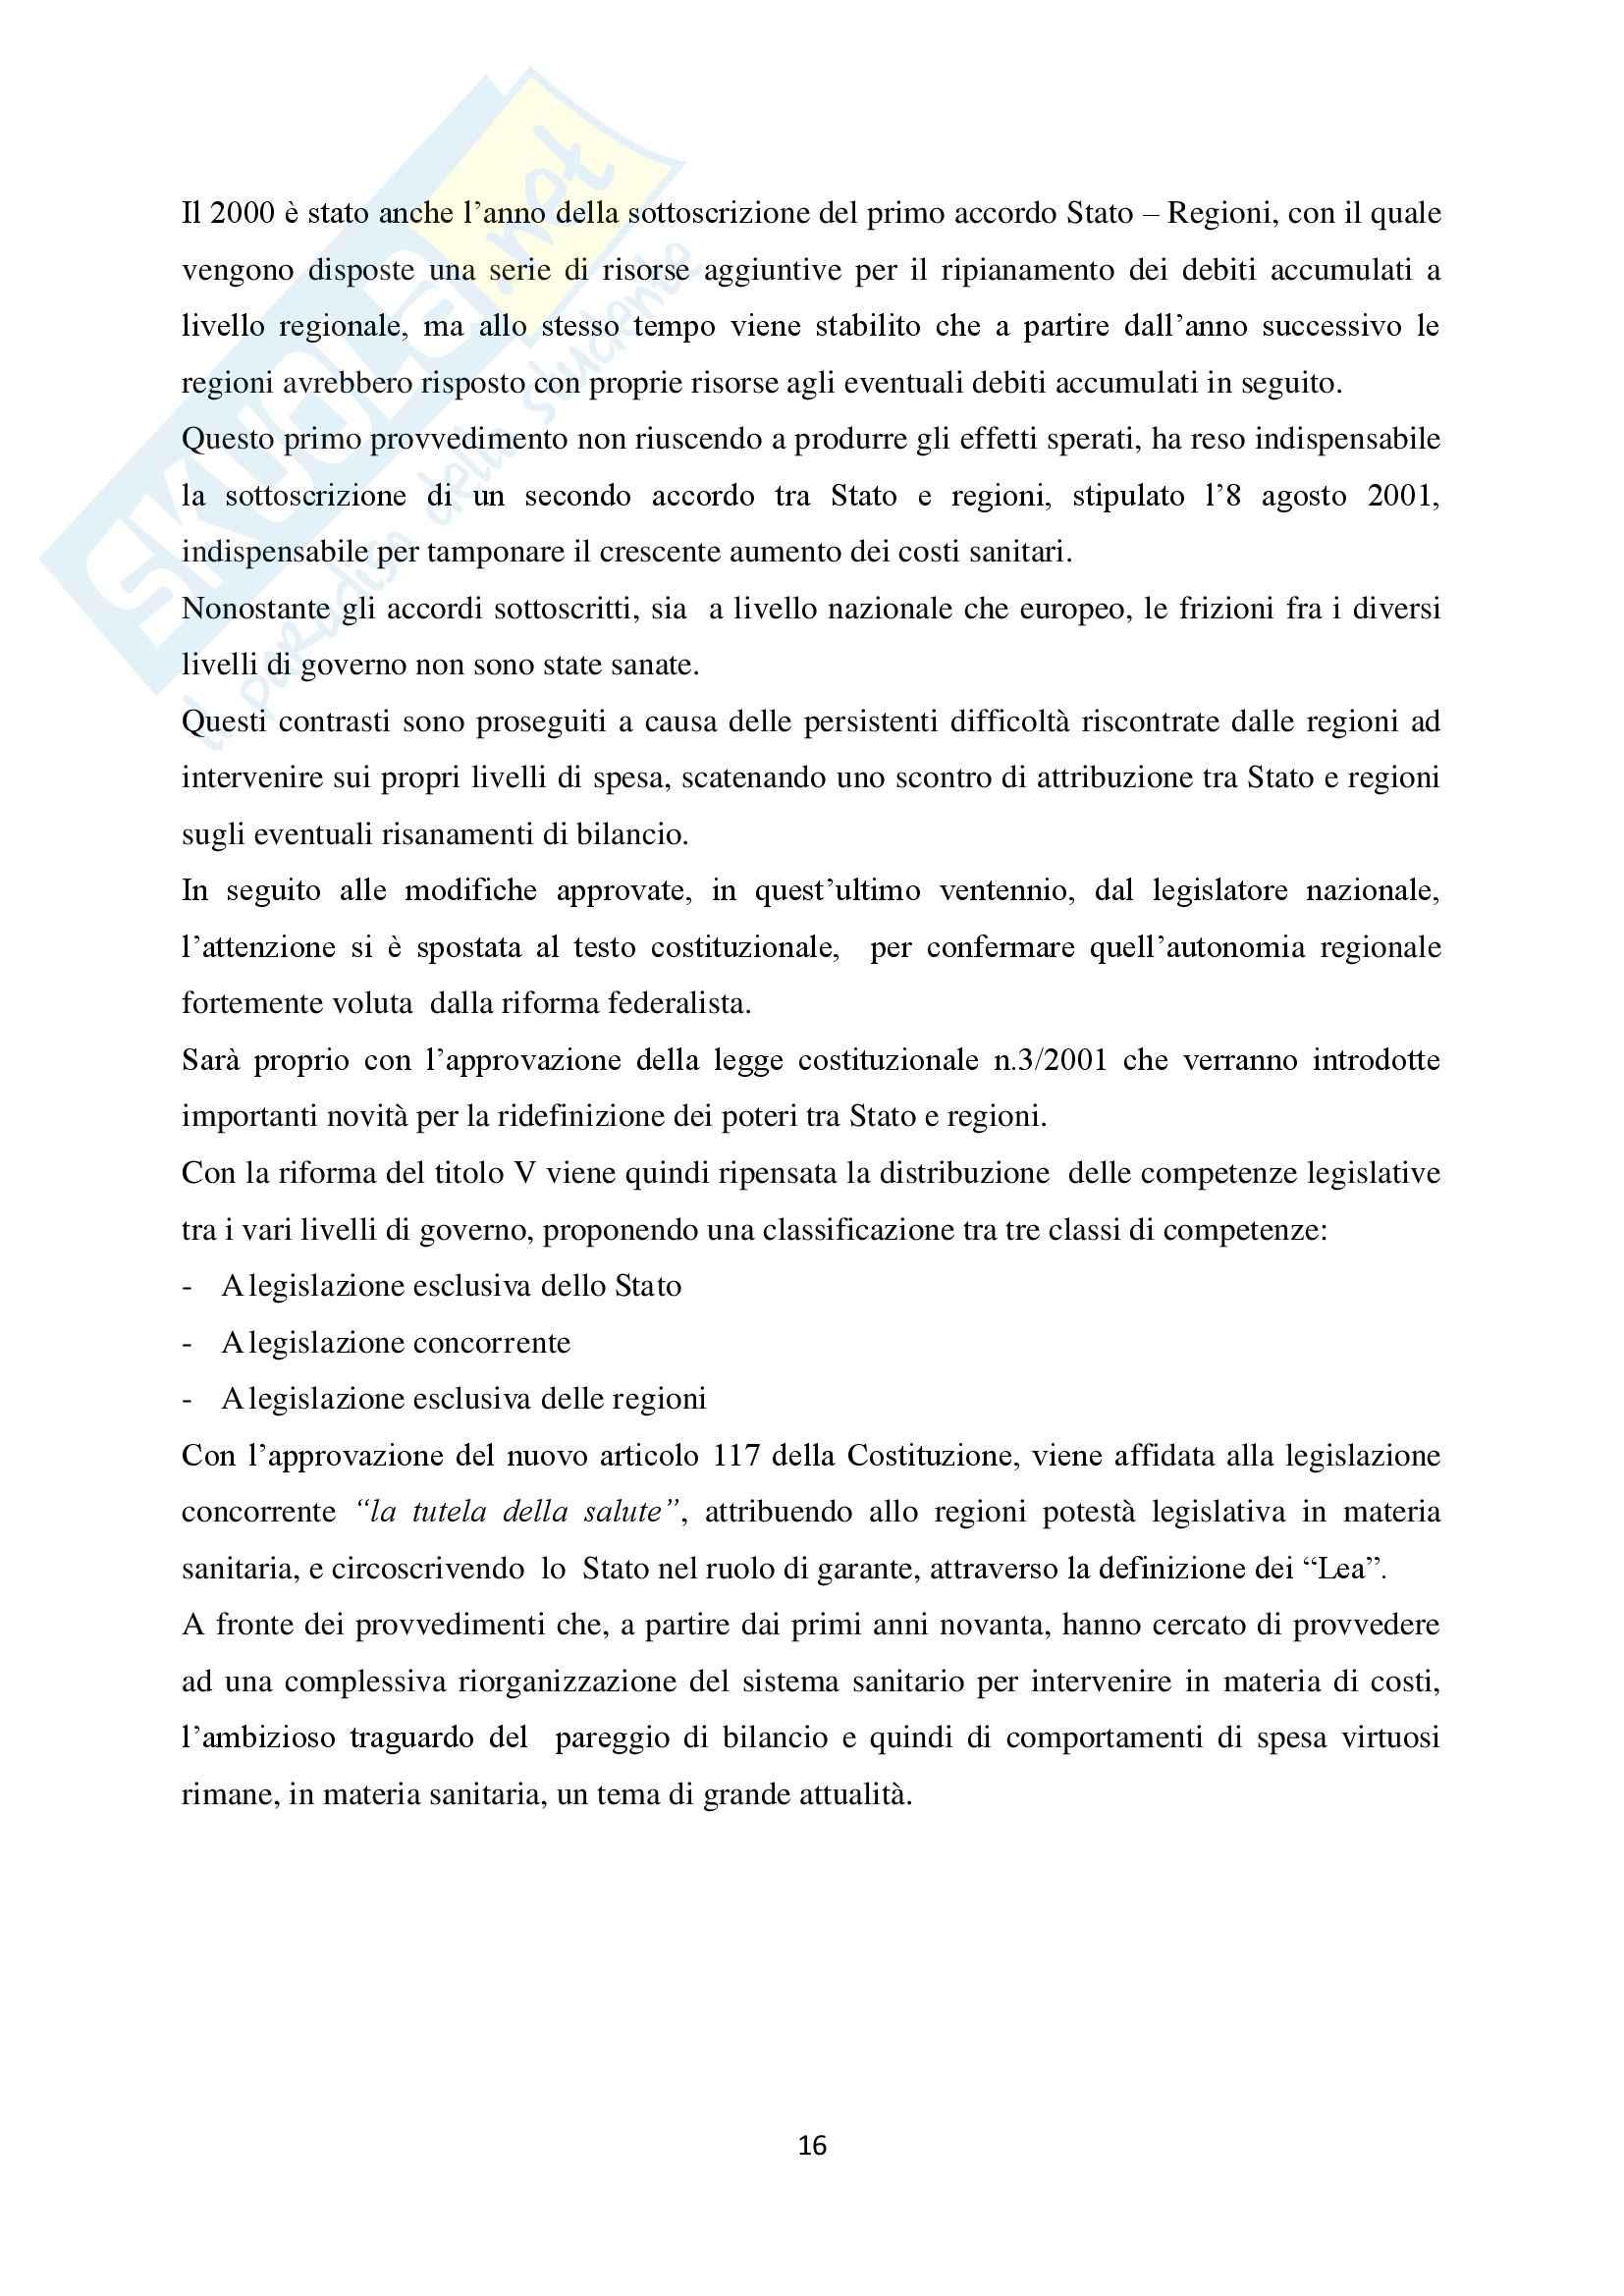 Scienza dell'amministrazione - Appunti Pag. 16